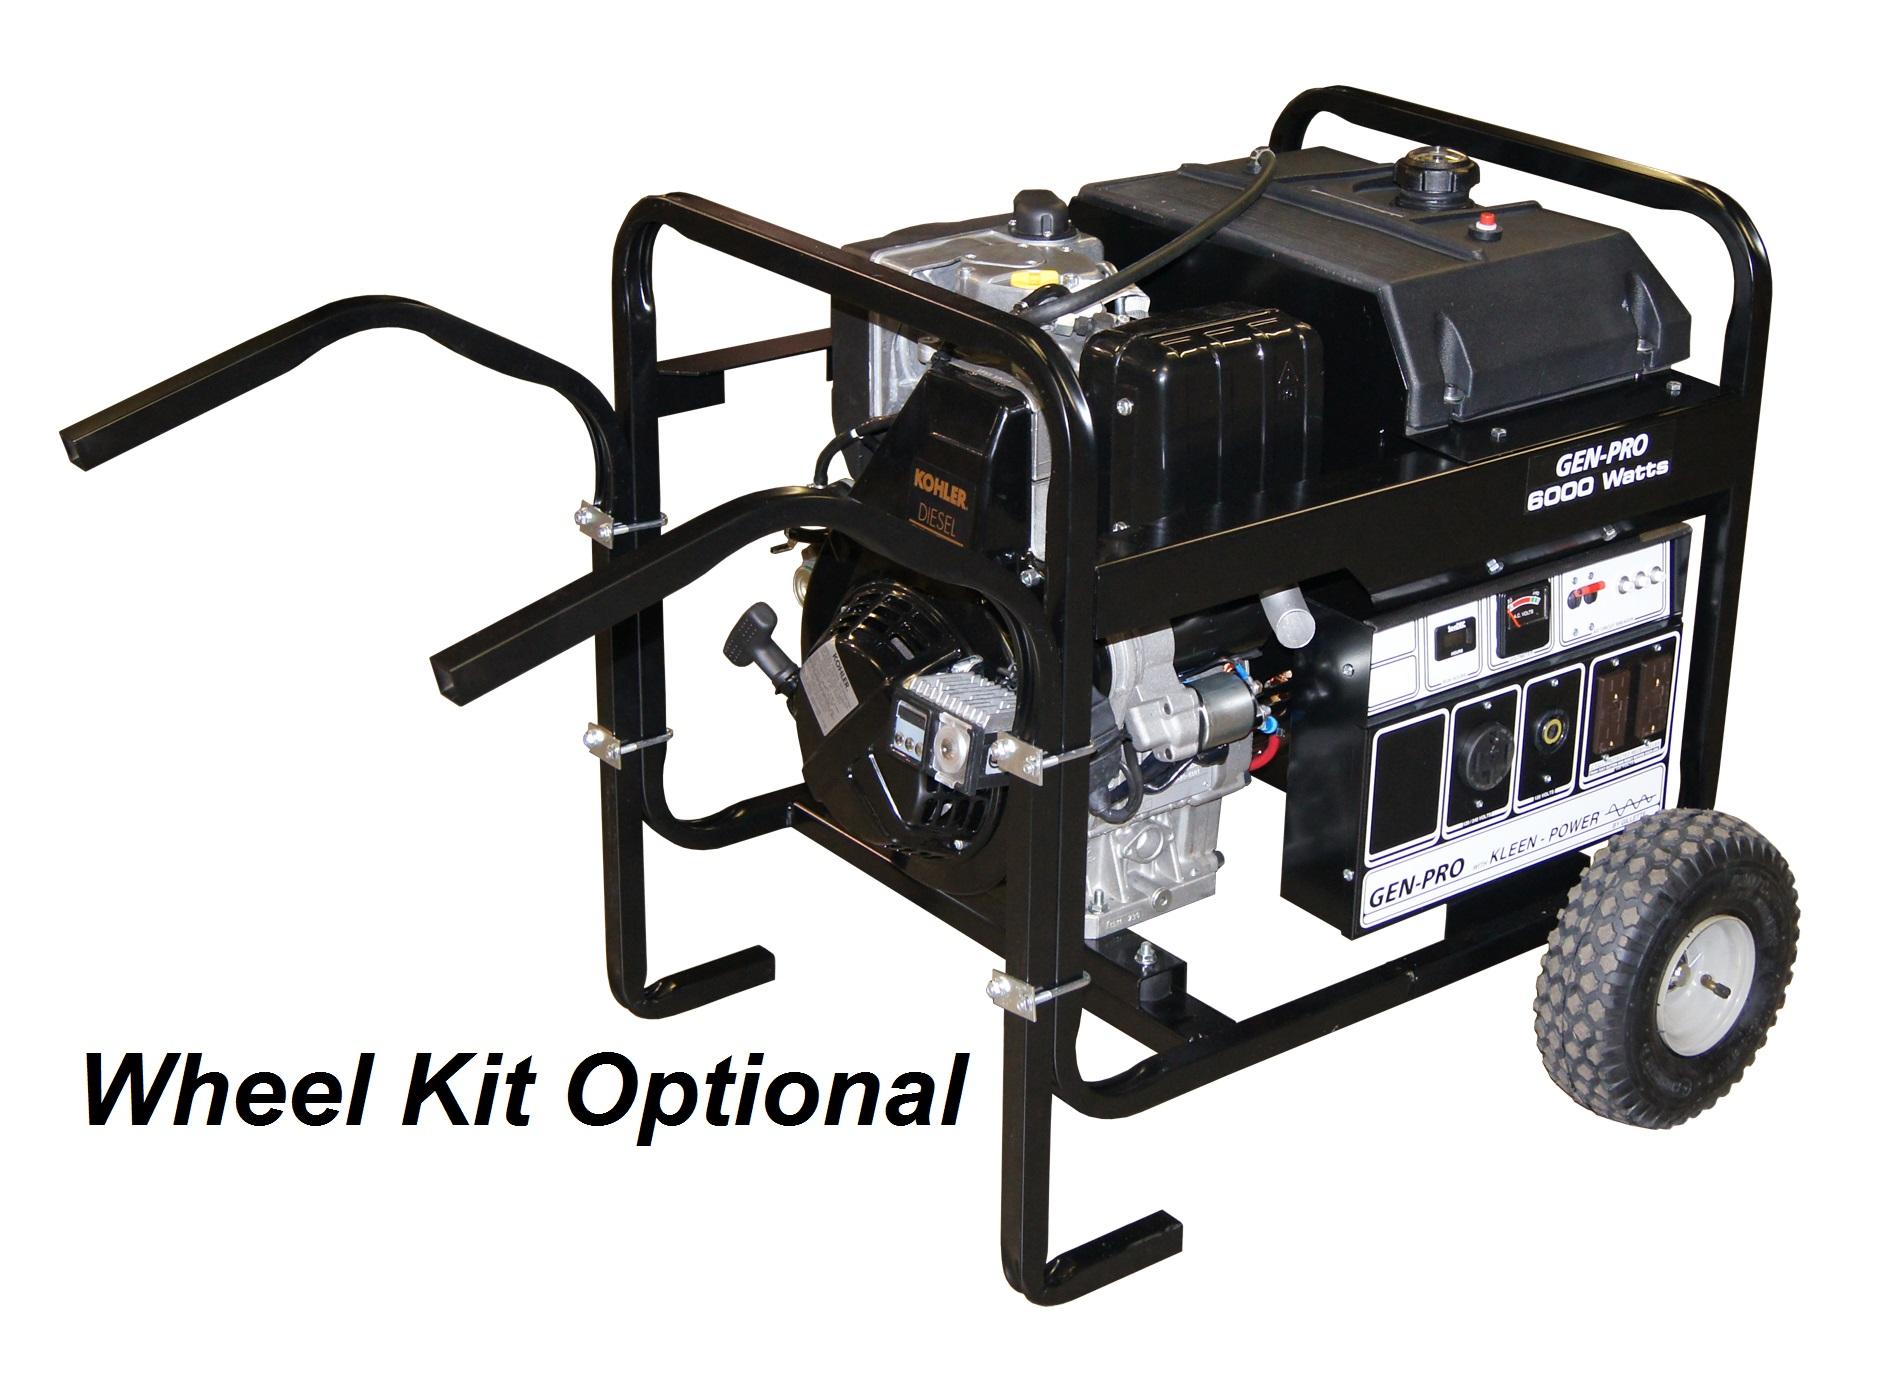 gillette_portable_diesel_generator_gped 65ek_1 gillette portable diesel generator gped 65ek, 6 5 kw, 8 hp kohler